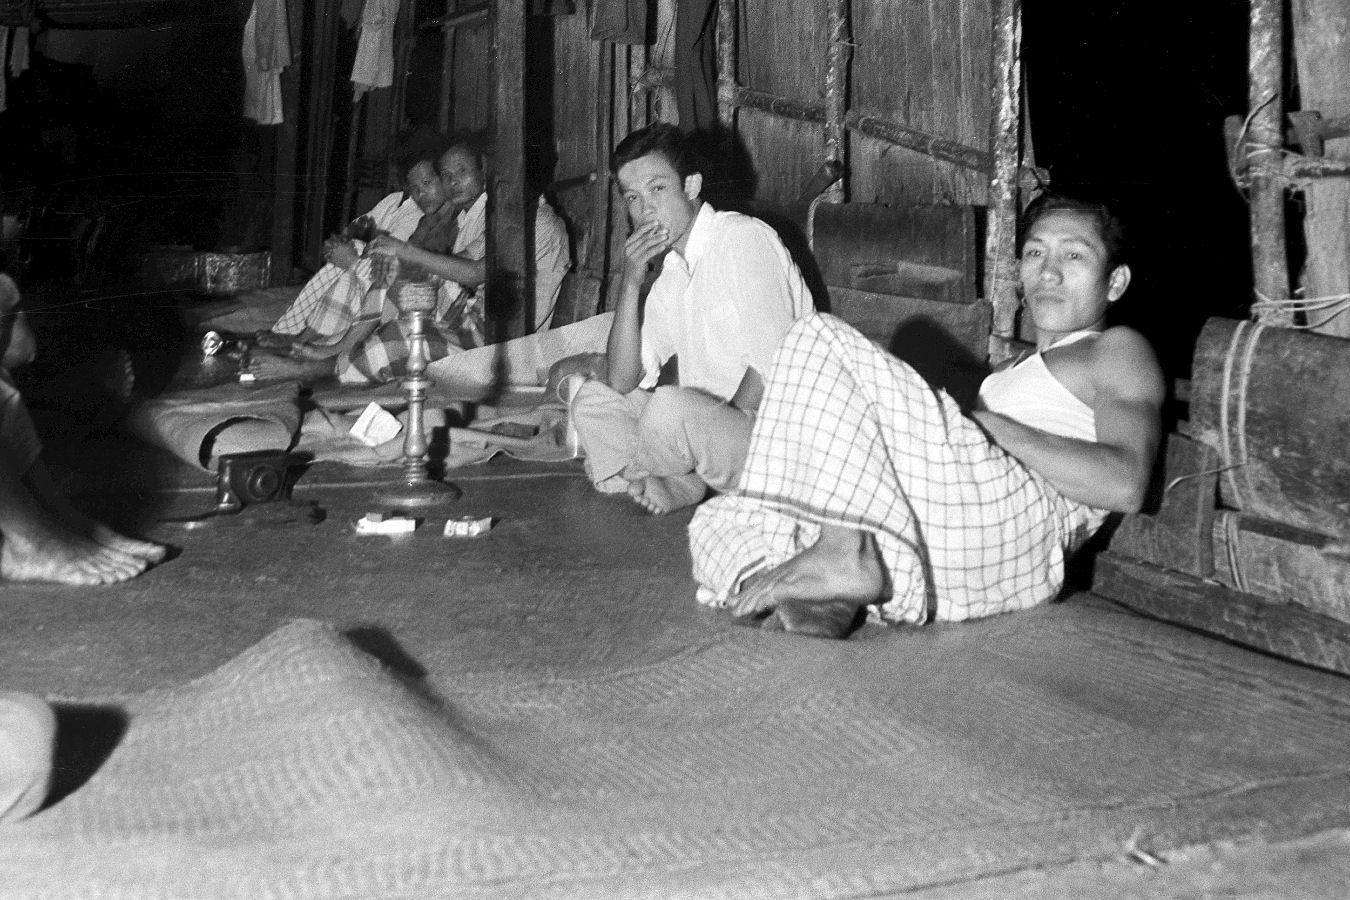 1964 Sarawak - Longhouse verandah in Ulu Baram